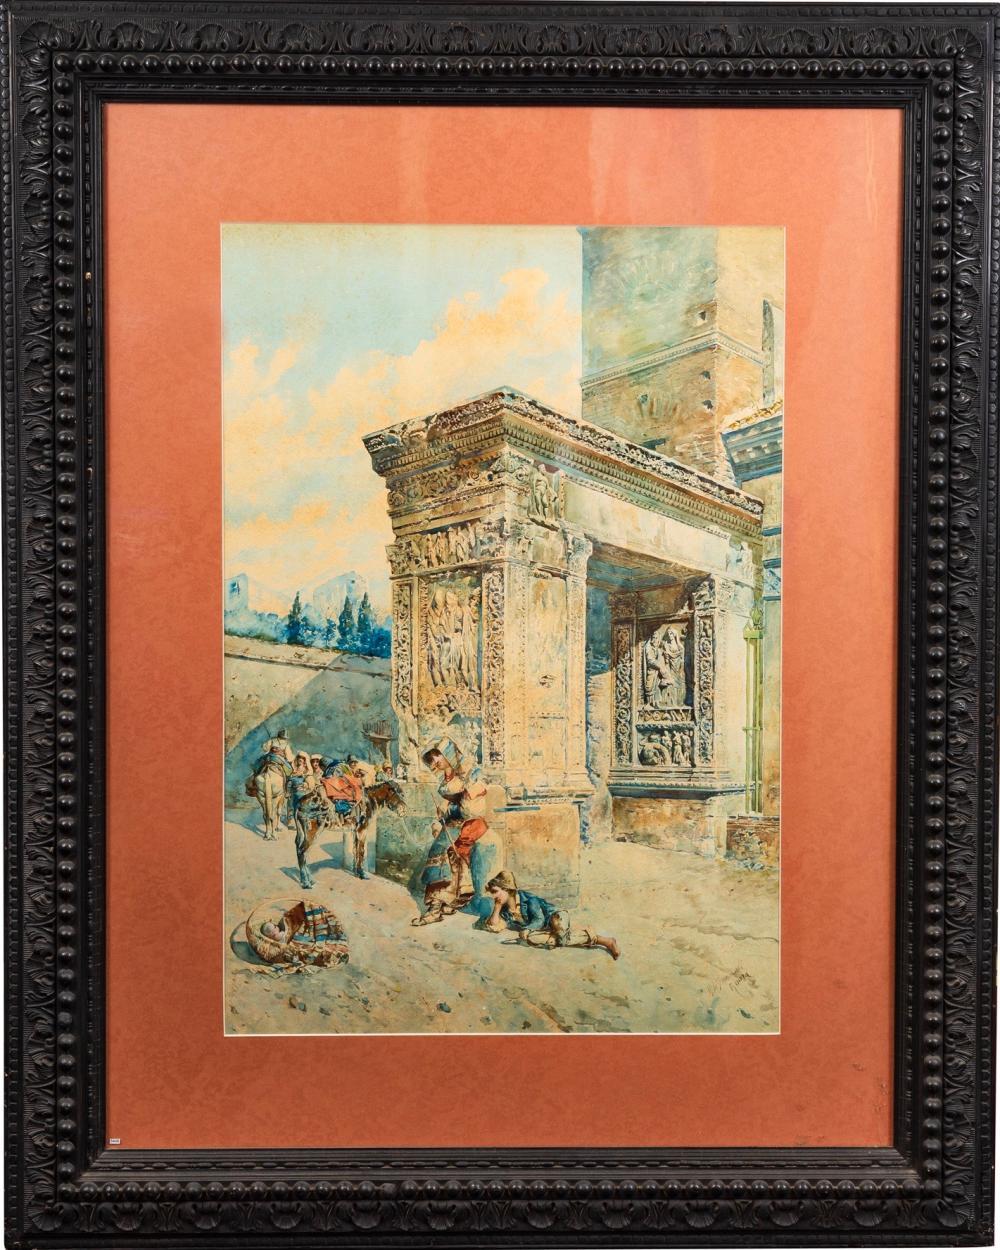 Lot 72: Mariano De Franceschi (1849-1896), watercolor